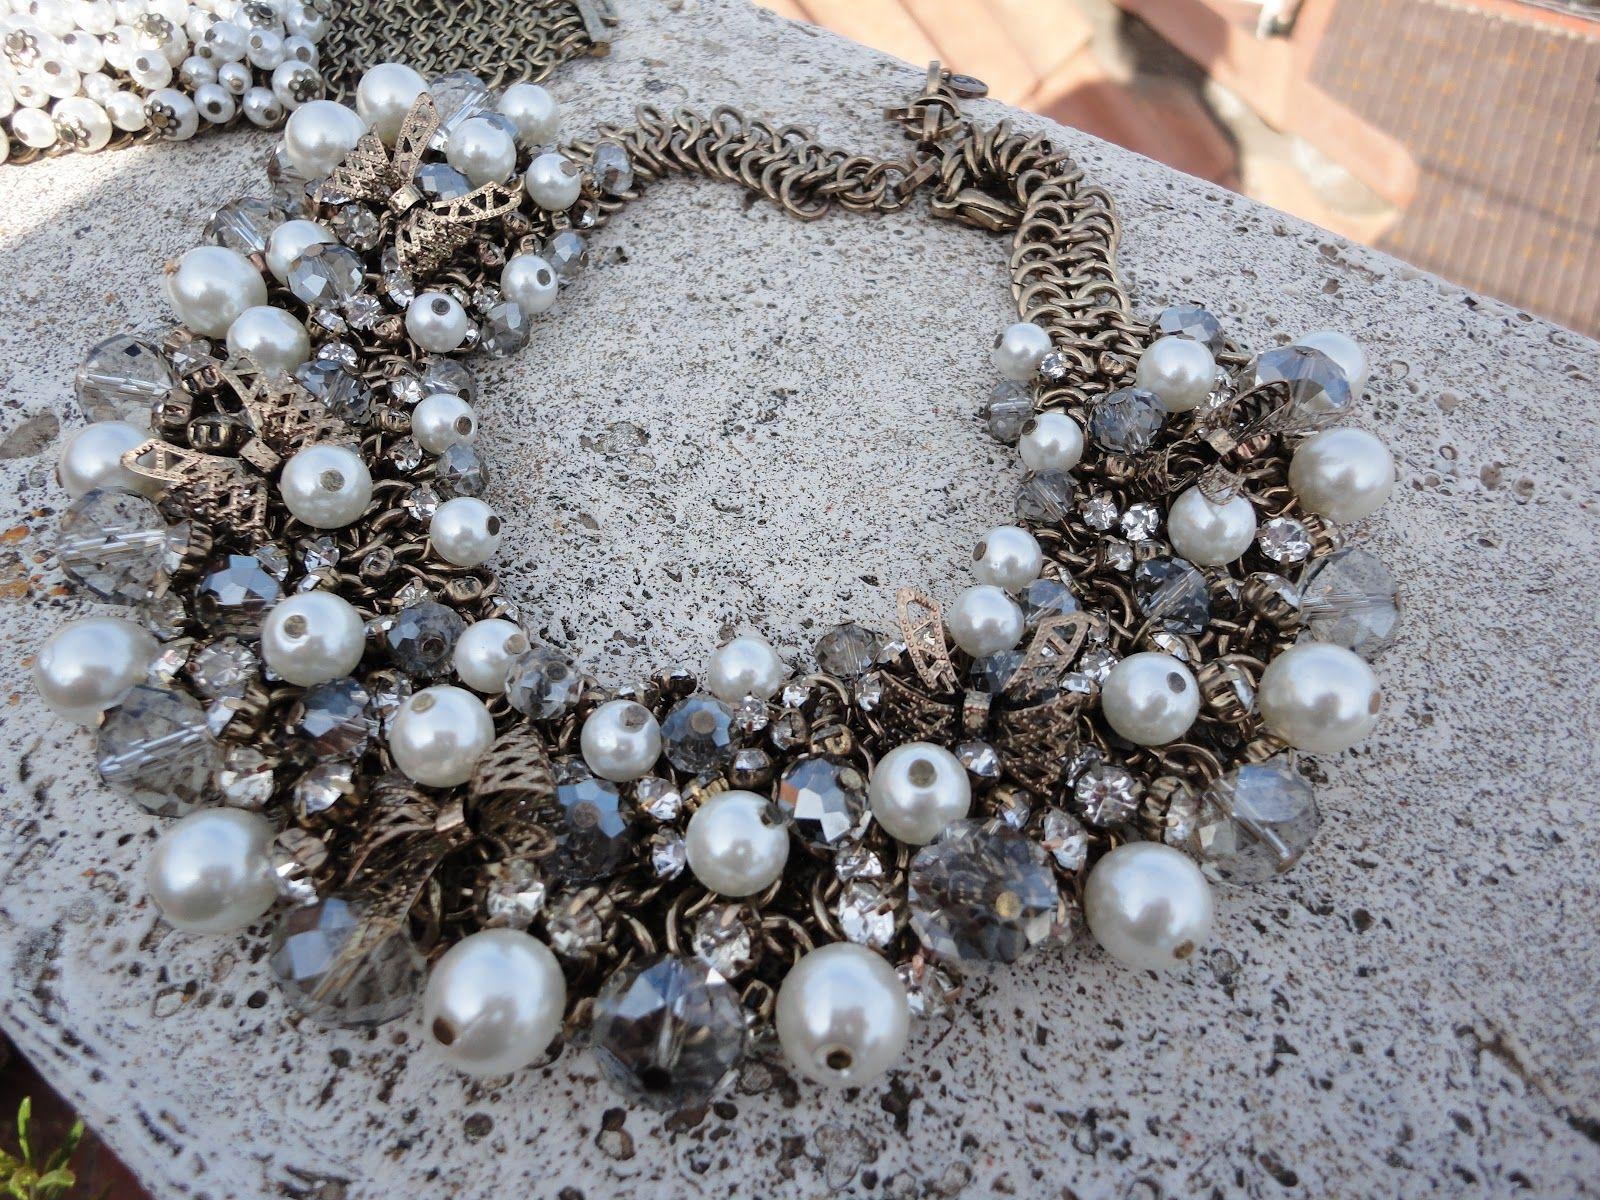 bijoux sodini | love shopping - New in: Sodini bijoux